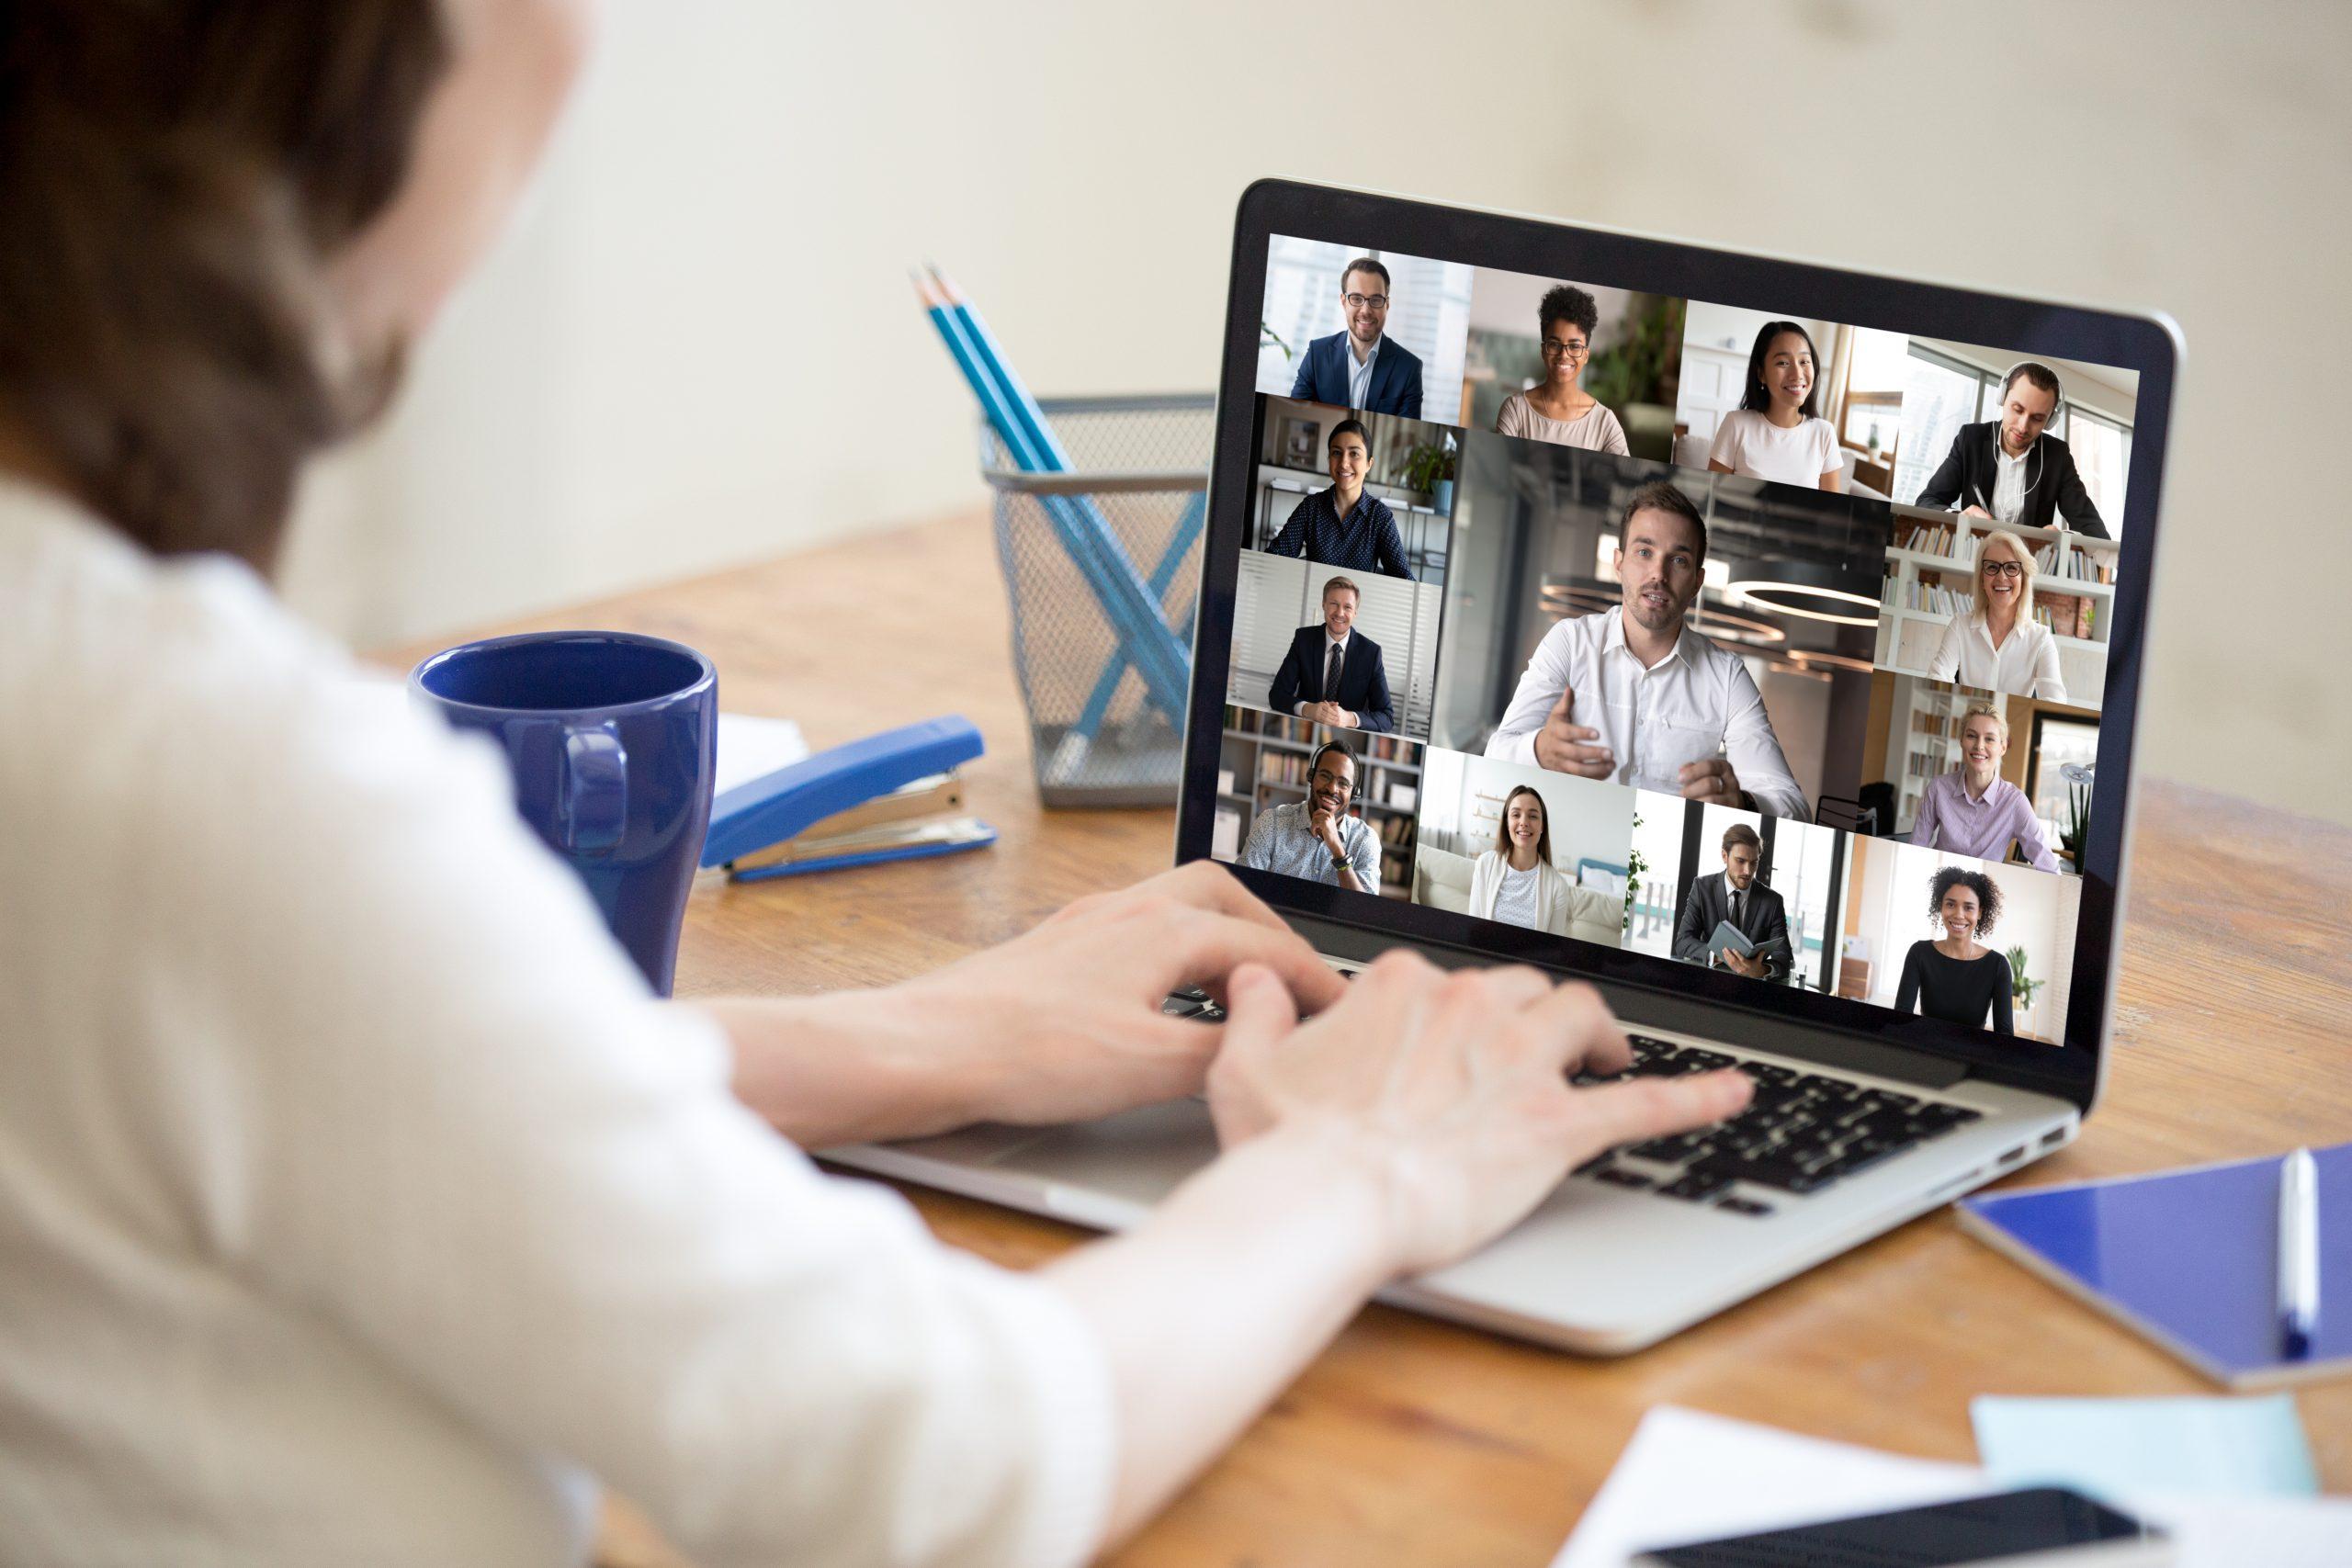 Eine Person nimmt an einer Video-Konferenz teil